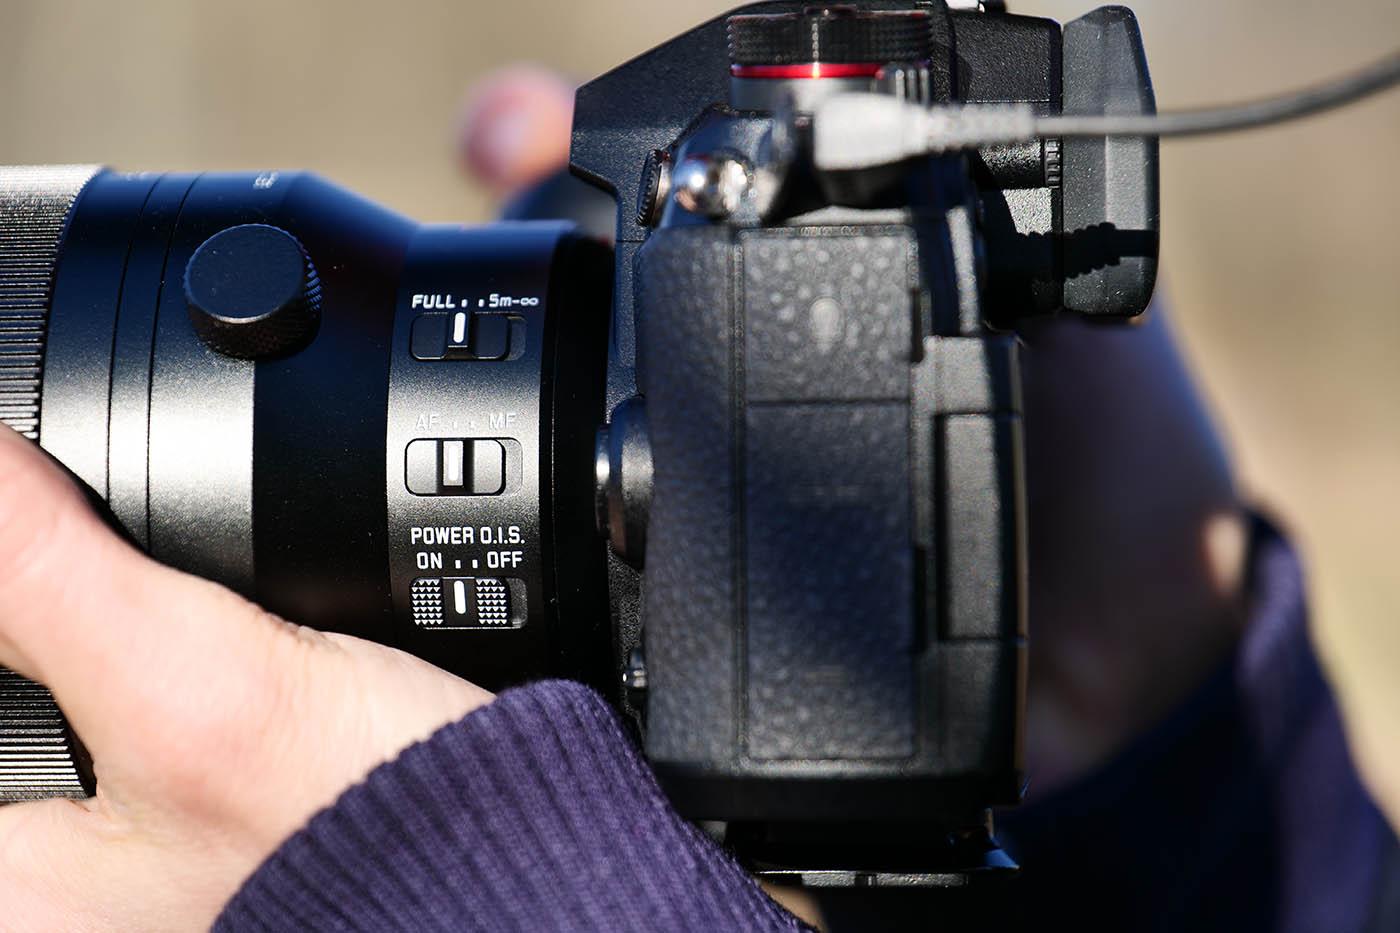 bouton de stabilisation optique et mise au point automatique sur le Panasonic Leica 100-400 mm